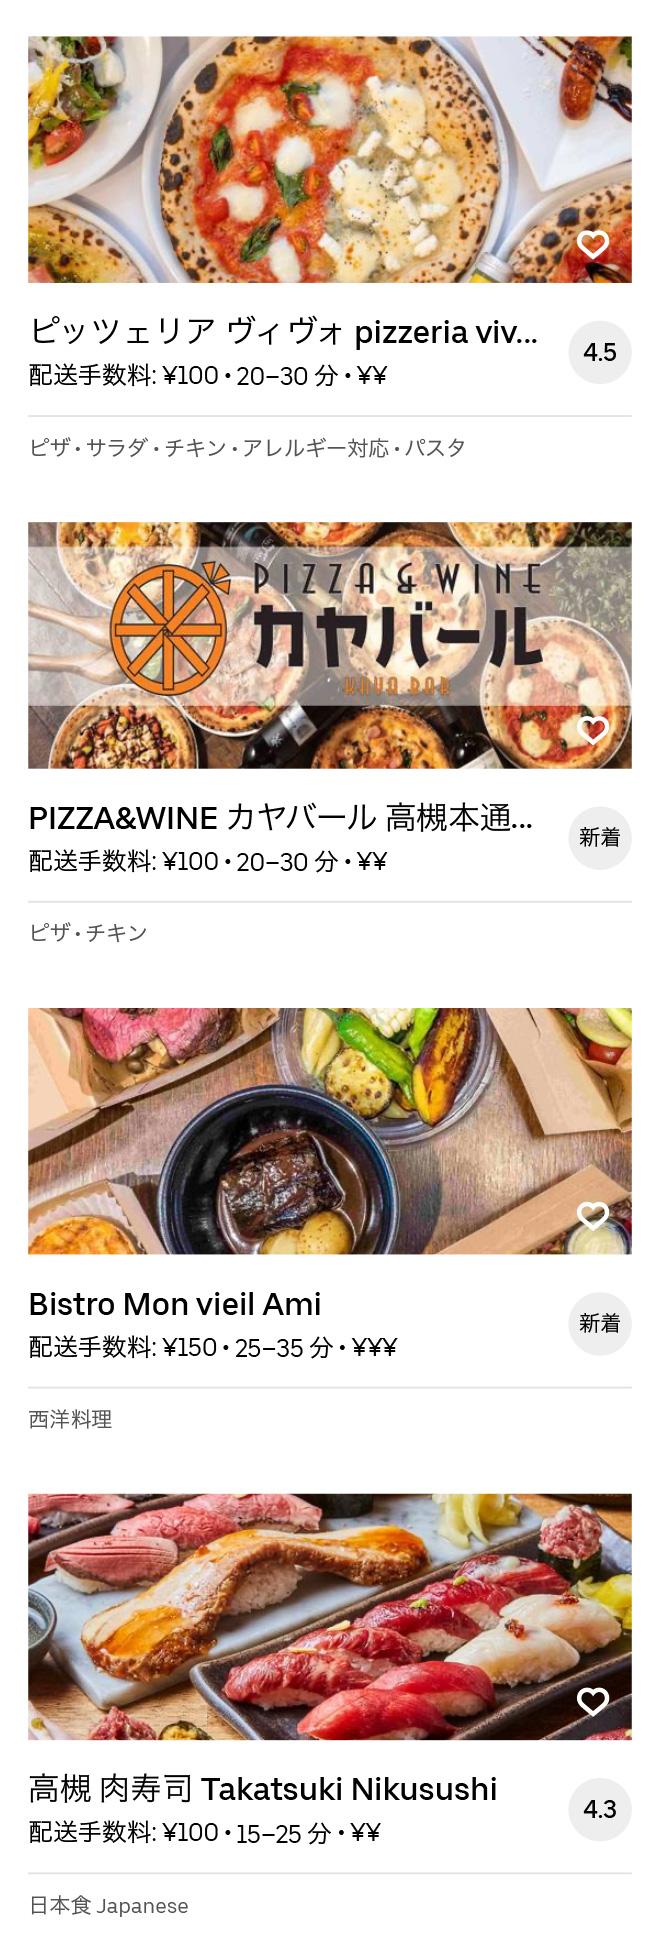 Takatsuki menu 2008 04